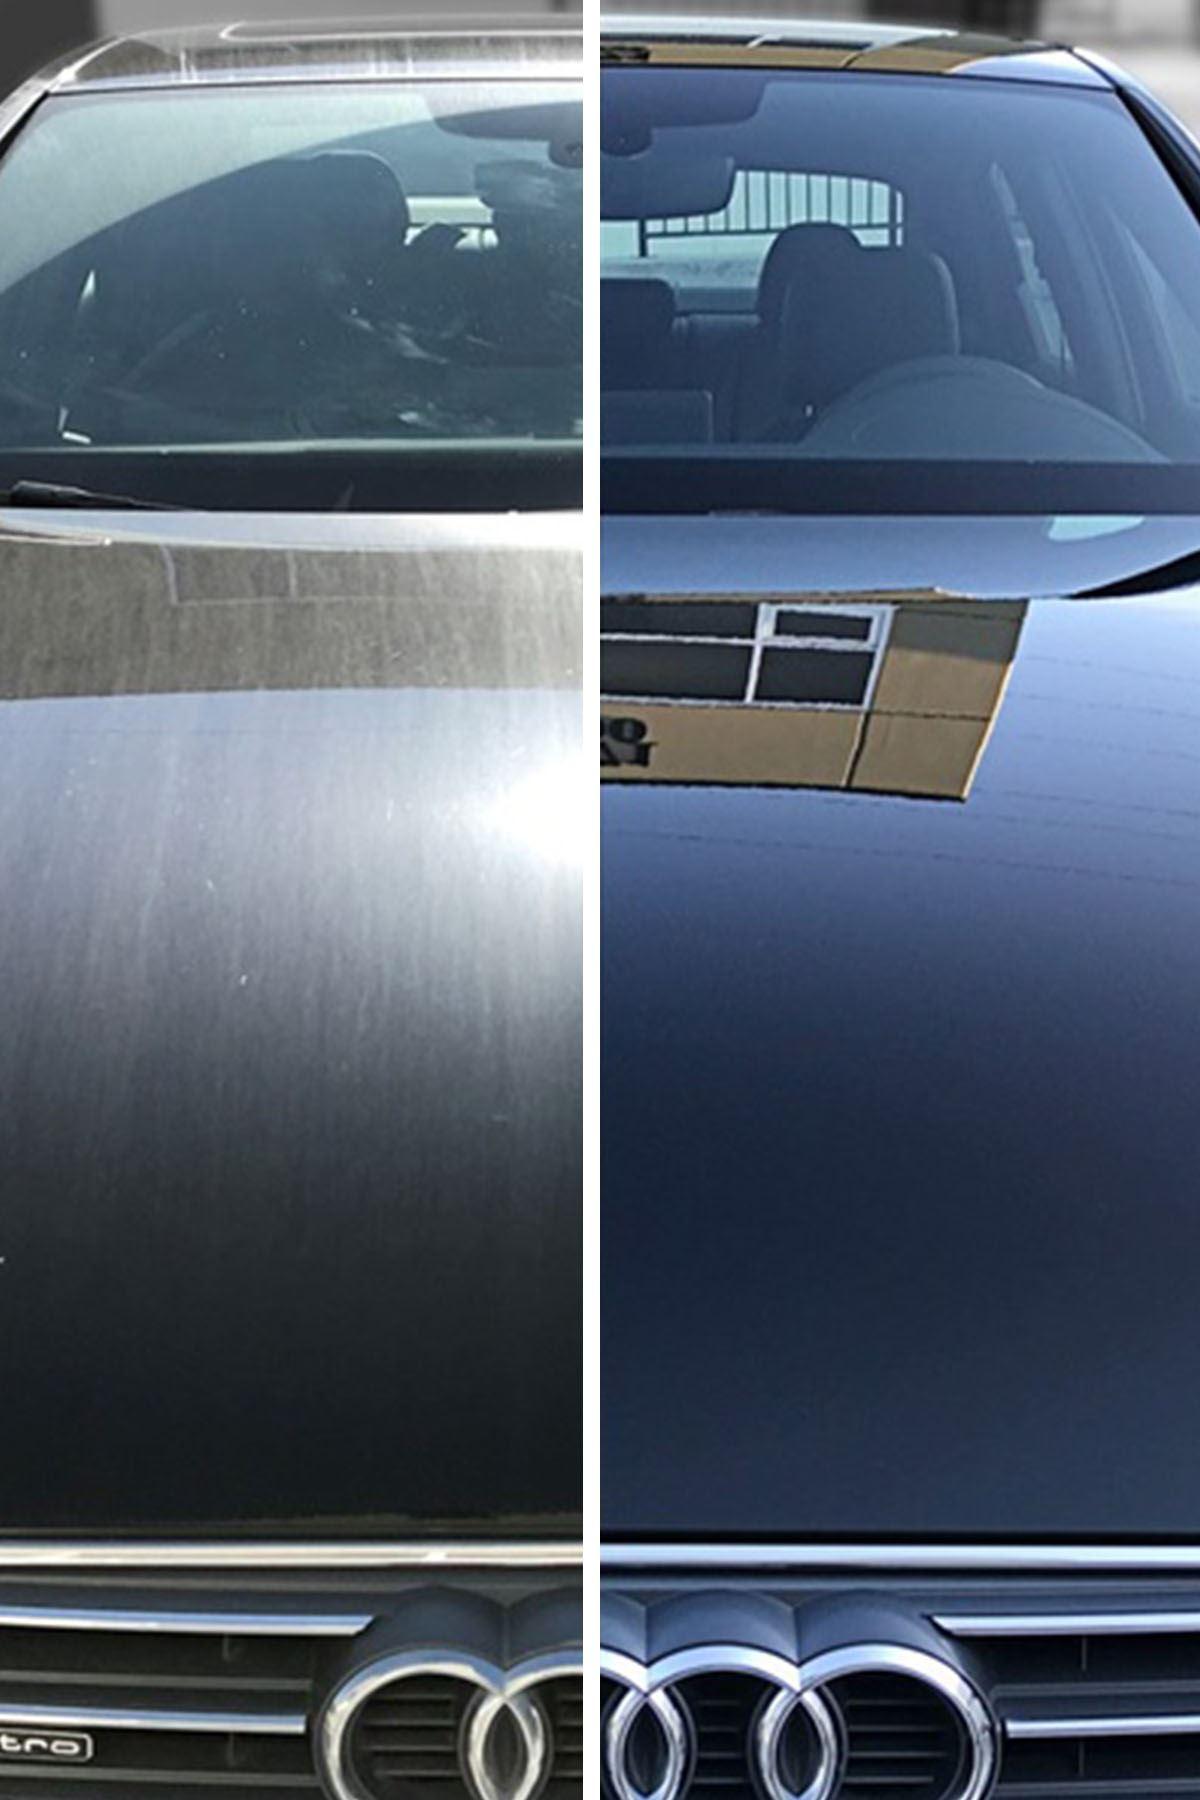 SMX Gold Nano Genel Amaçlı Temizleyici / Seramik Cila / Hızlı Cila / Pratik Cila / Cam Kireç Çözücü